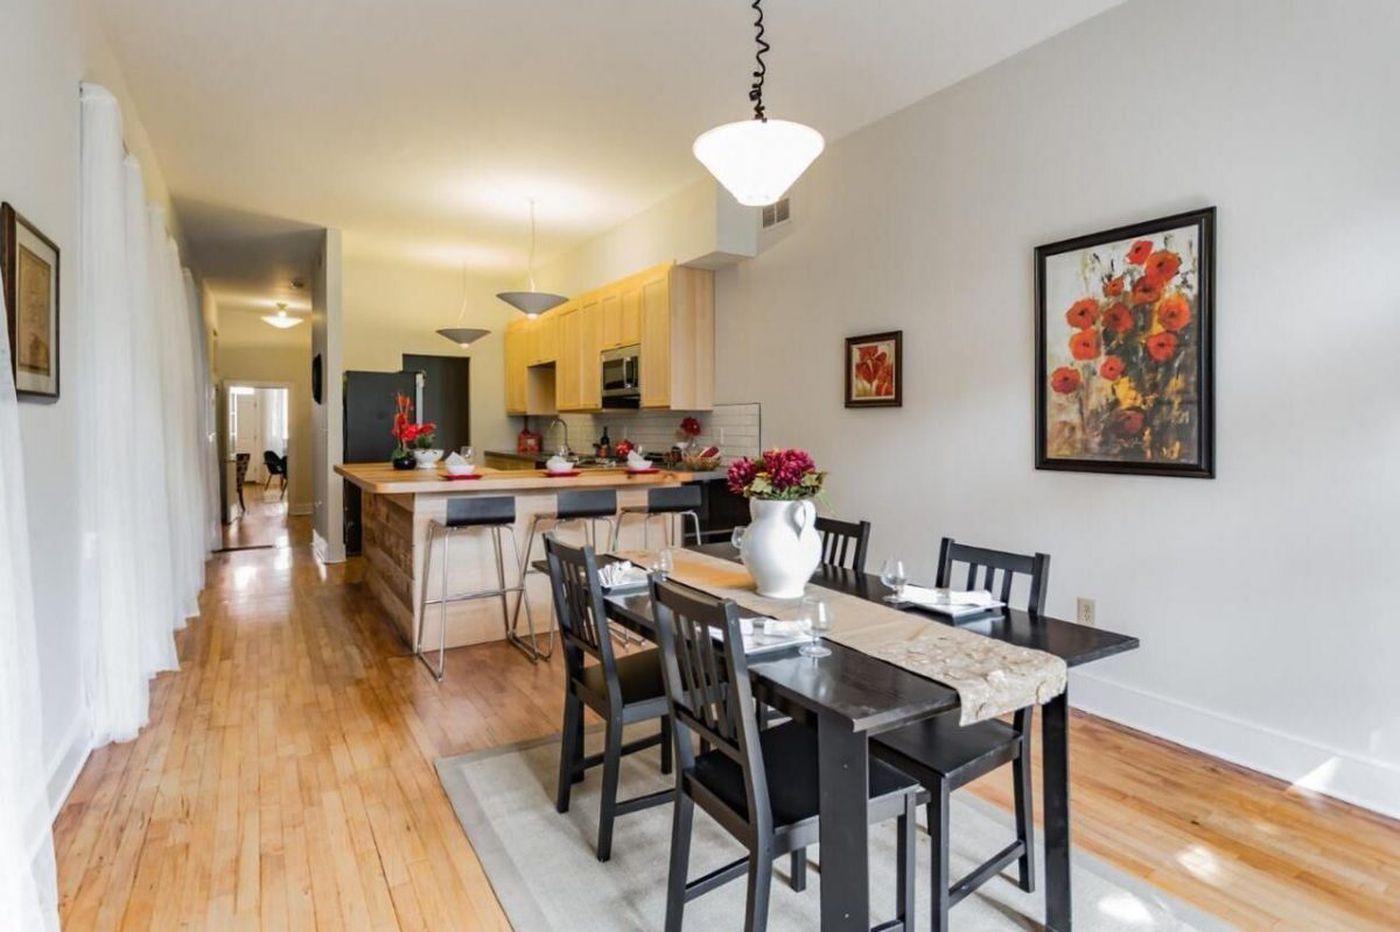 How home decor became a gray area